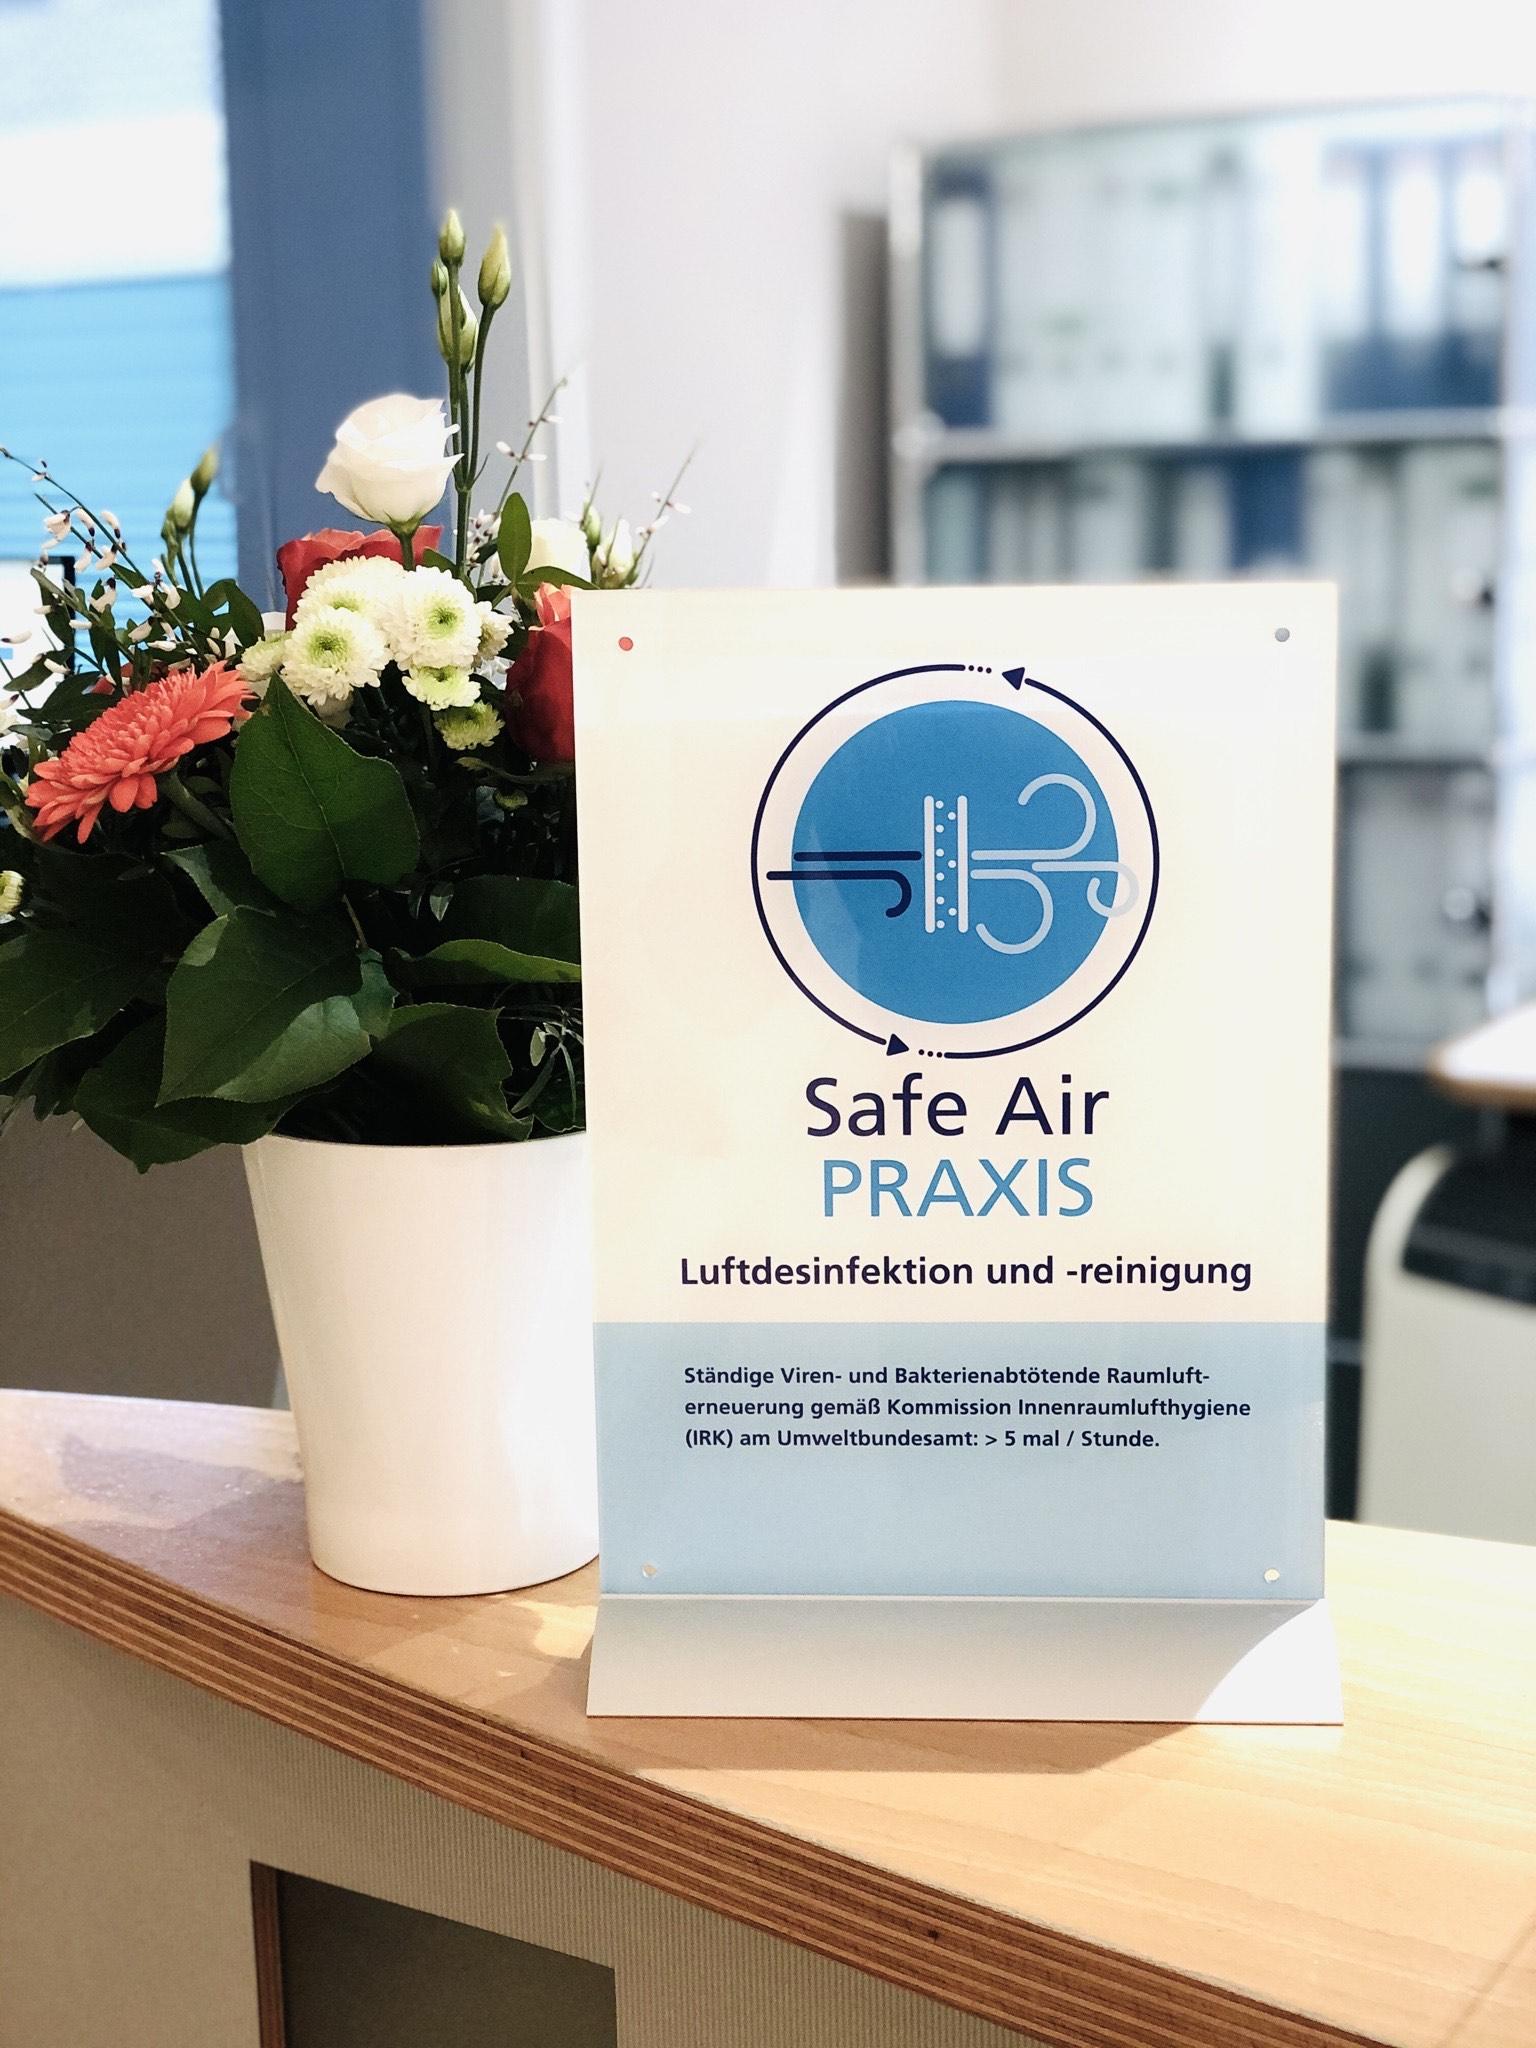 Wir sind eine Safe Air Praxis! - IMG 6046